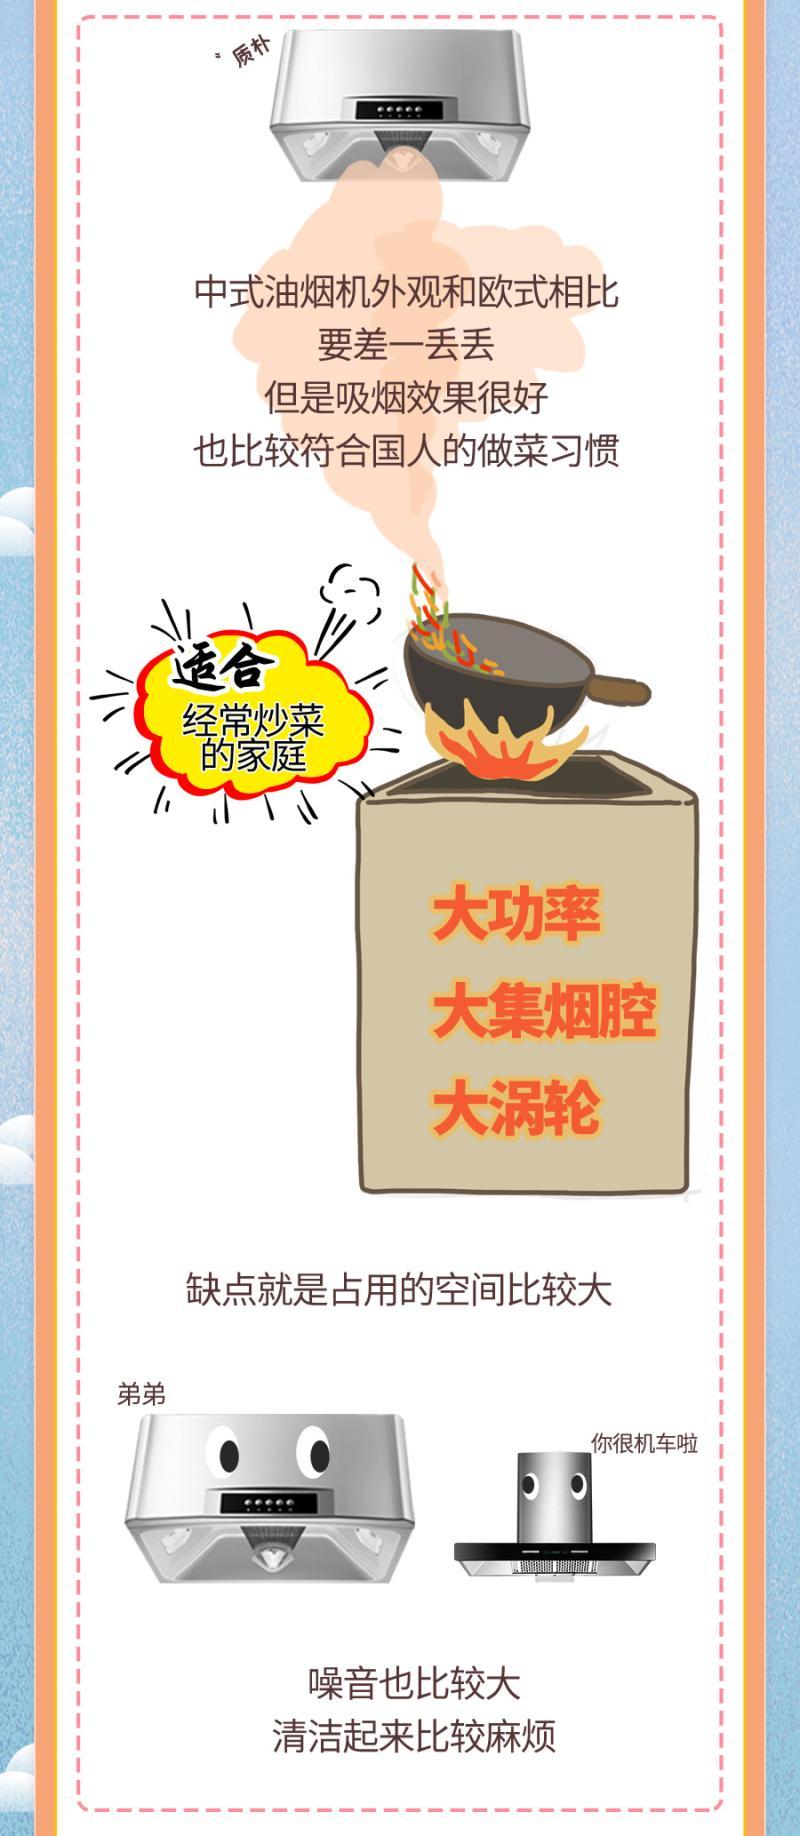 油烟机怎么选_03.jpg